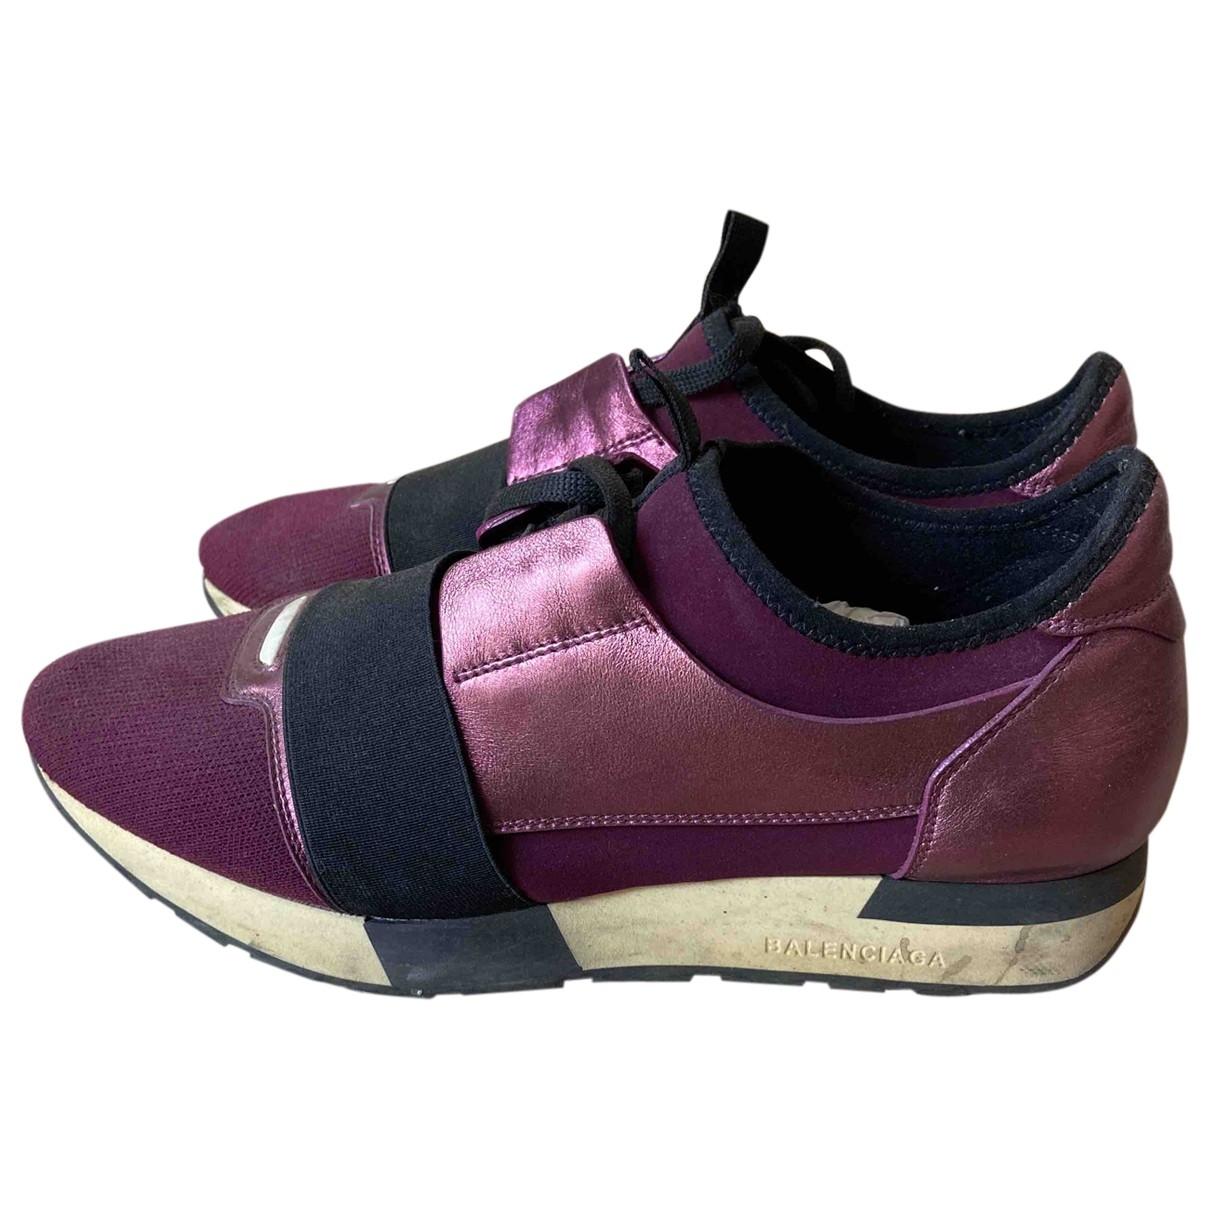 Balenciaga - Baskets Race pour femme en toile - violet